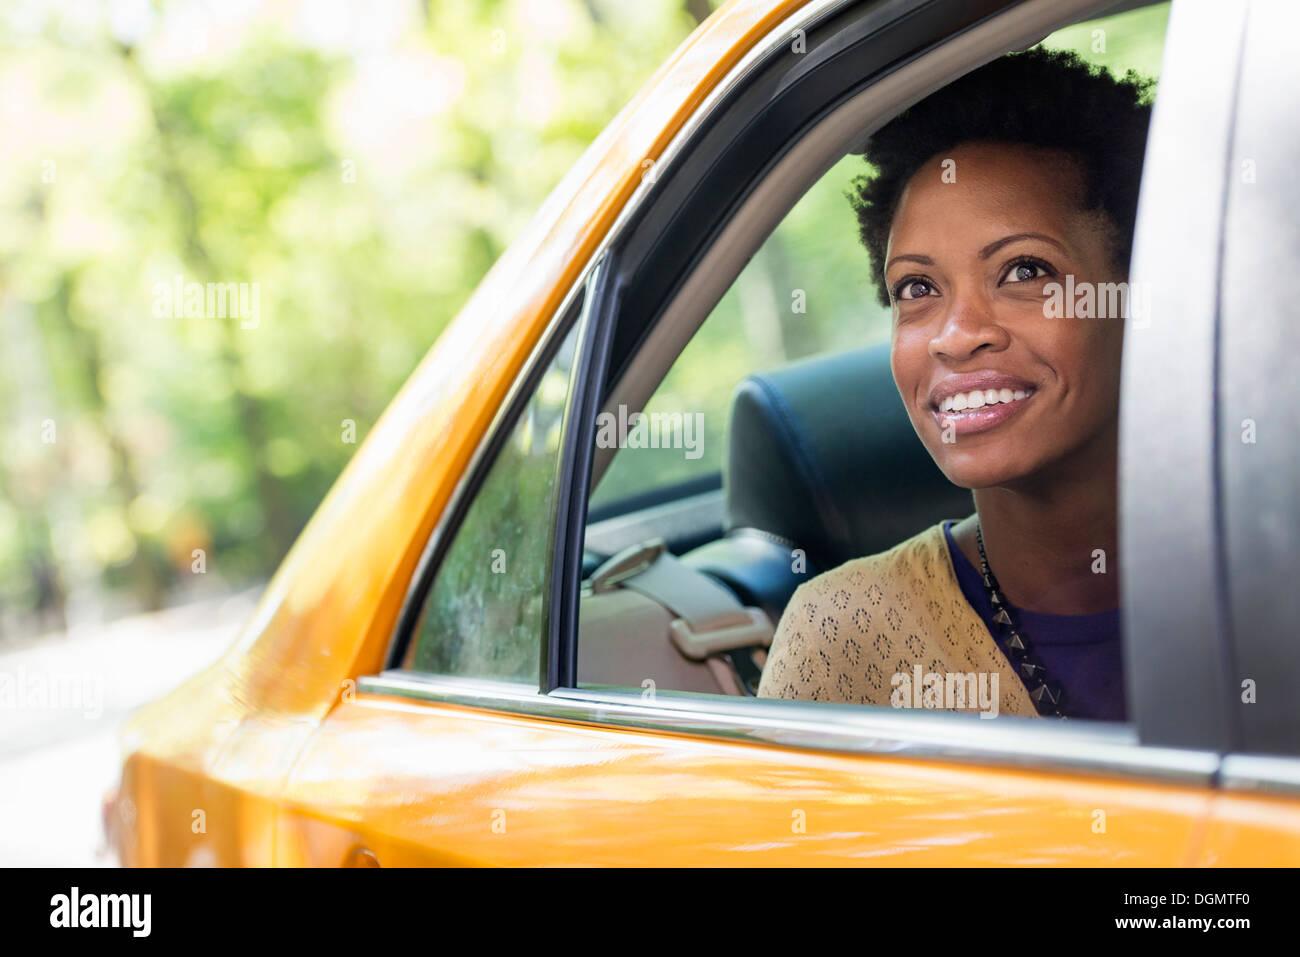 Una mujer sentada en el asiento del pasajero trasero de un taxi amarillo. Imagen De Stock